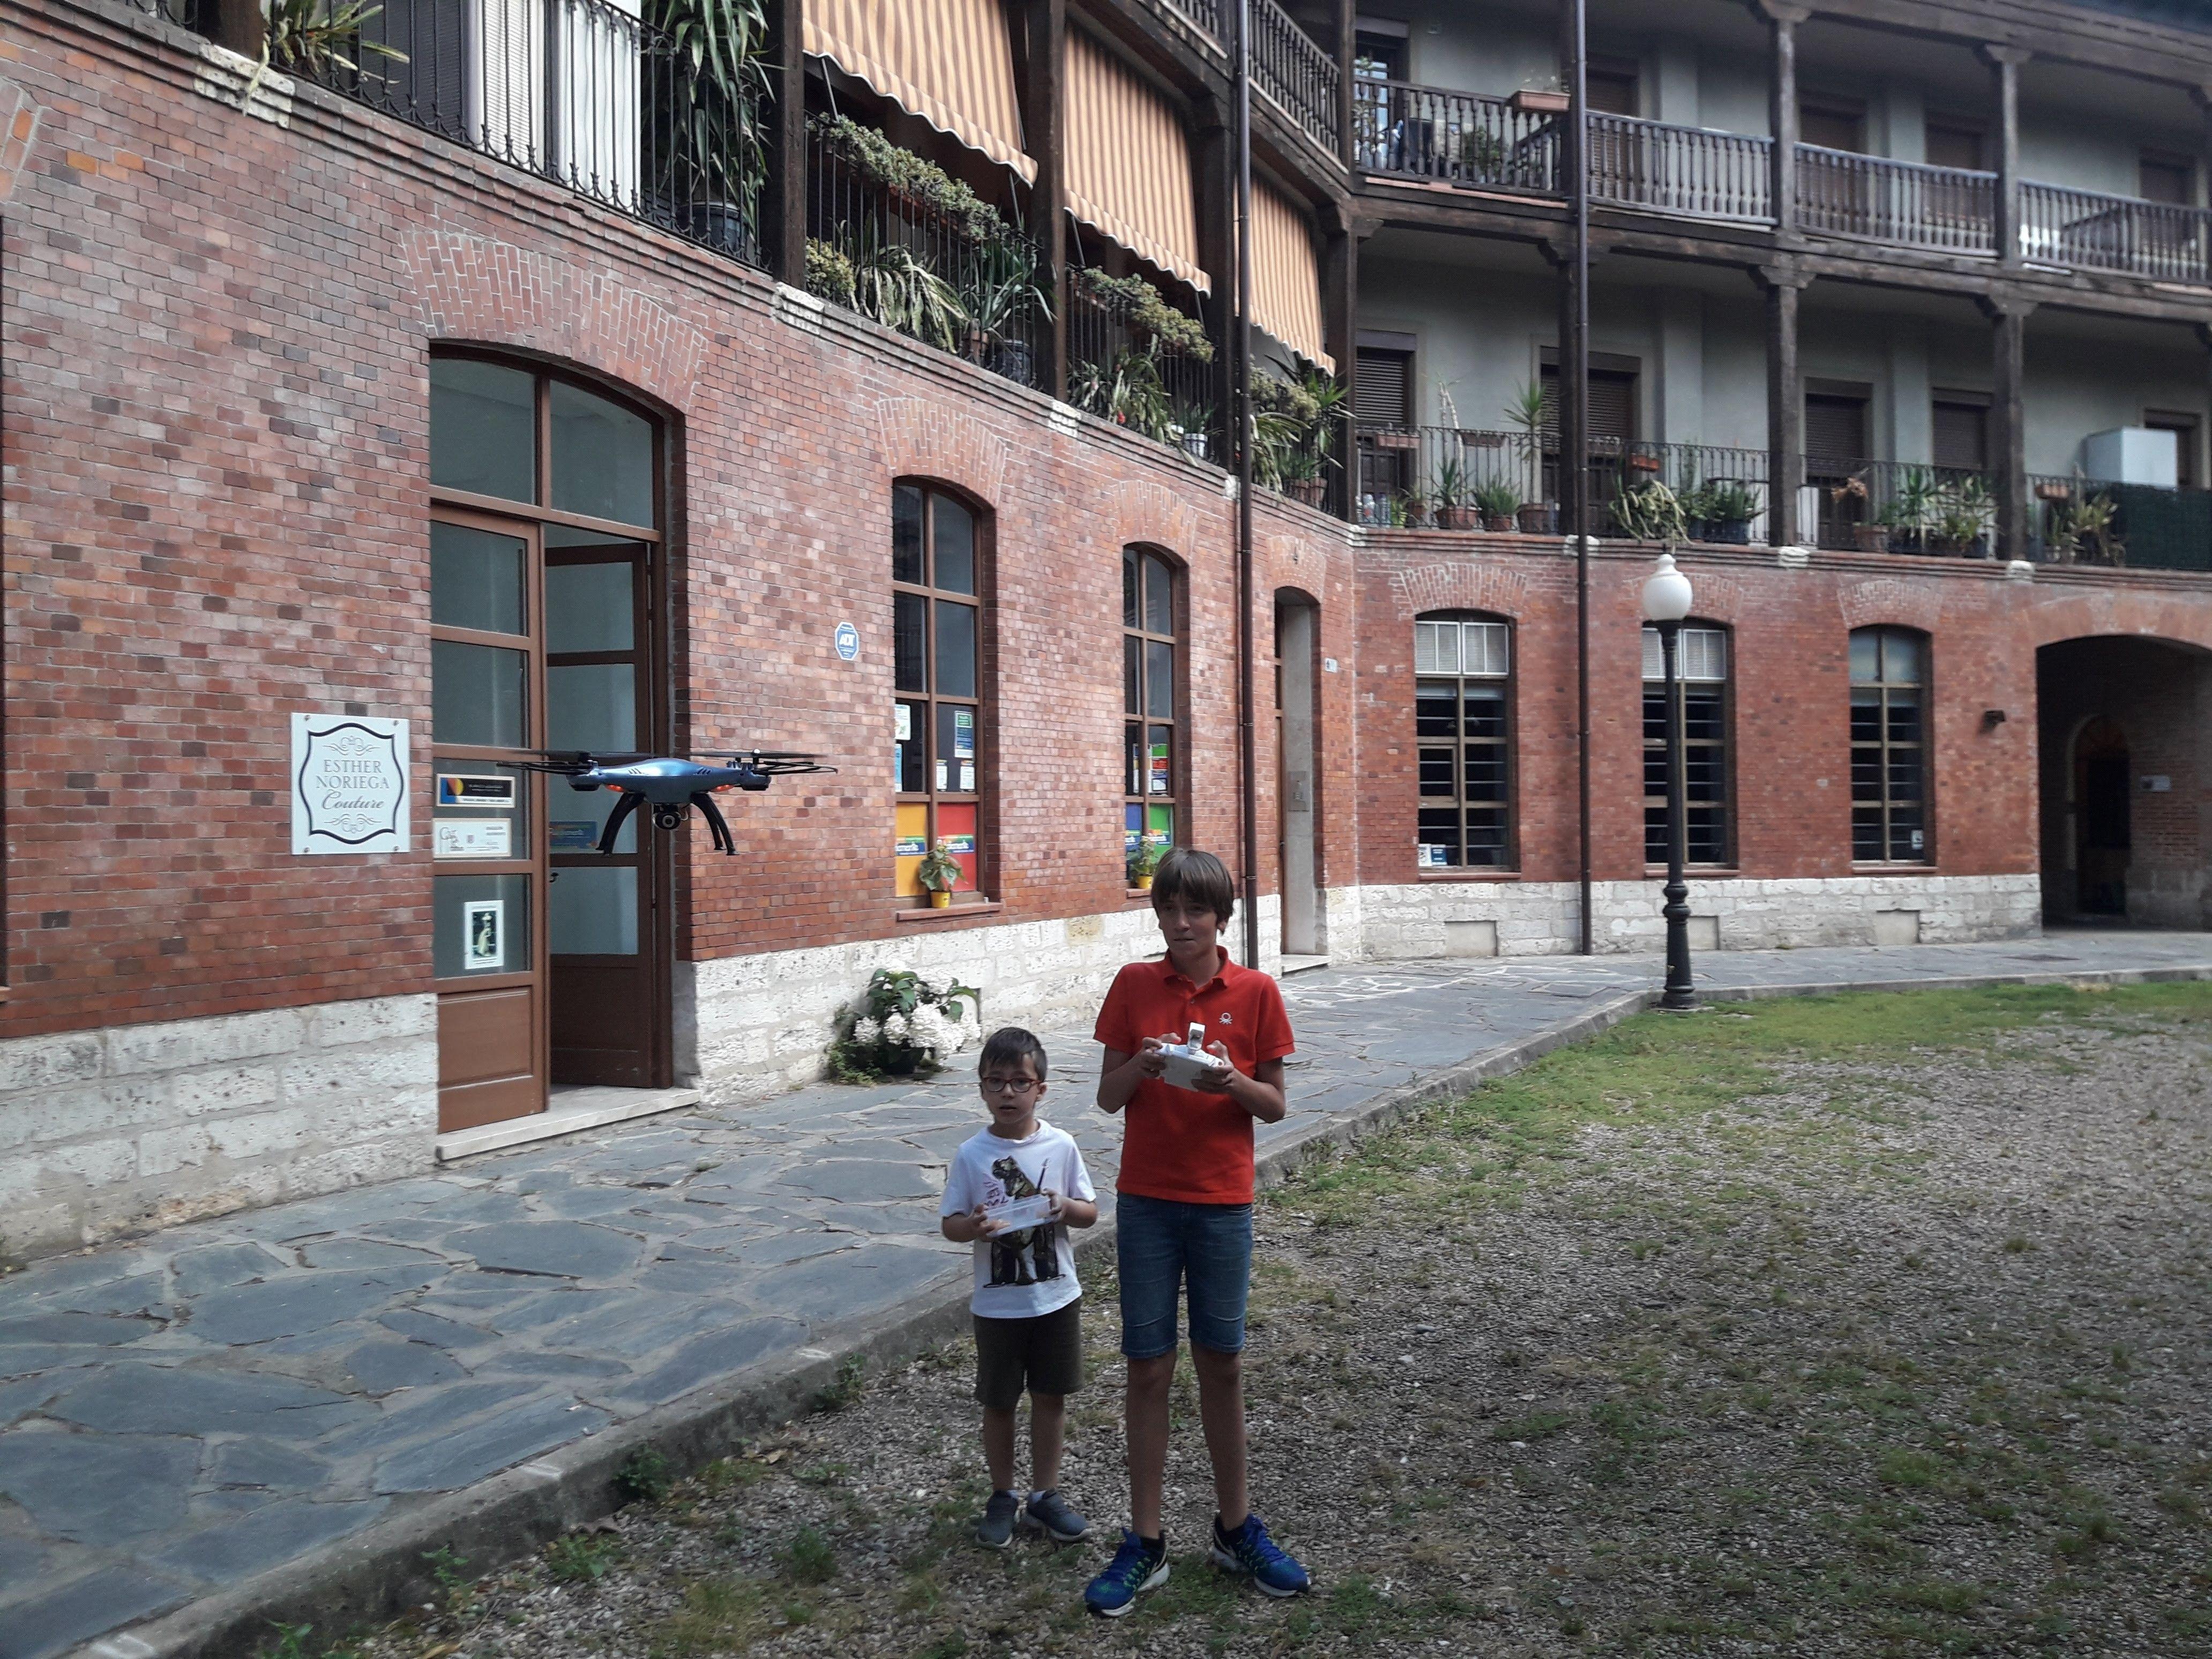 Foto 1 de Academias de estudios diversos en Valladolid   Pulediamante